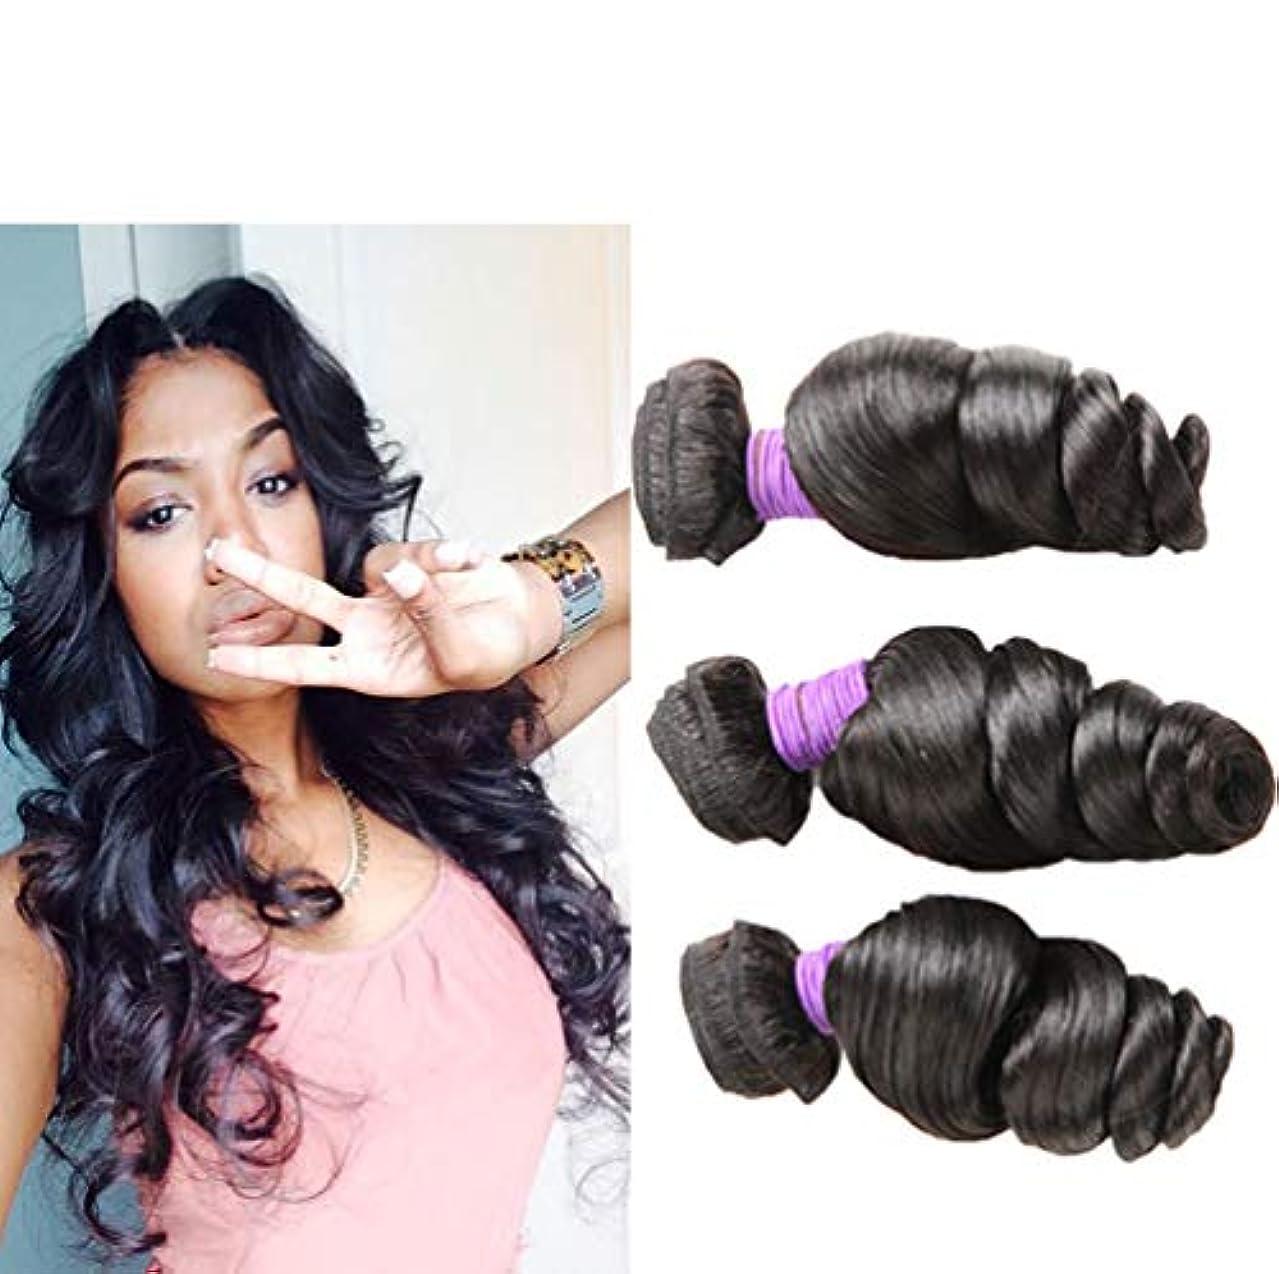 ランダム不名誉ホイール女性ブラジルのバージンの人間の毛髪の体の波100%の人間の毛髪の織り方の自然な黒い色(3束)